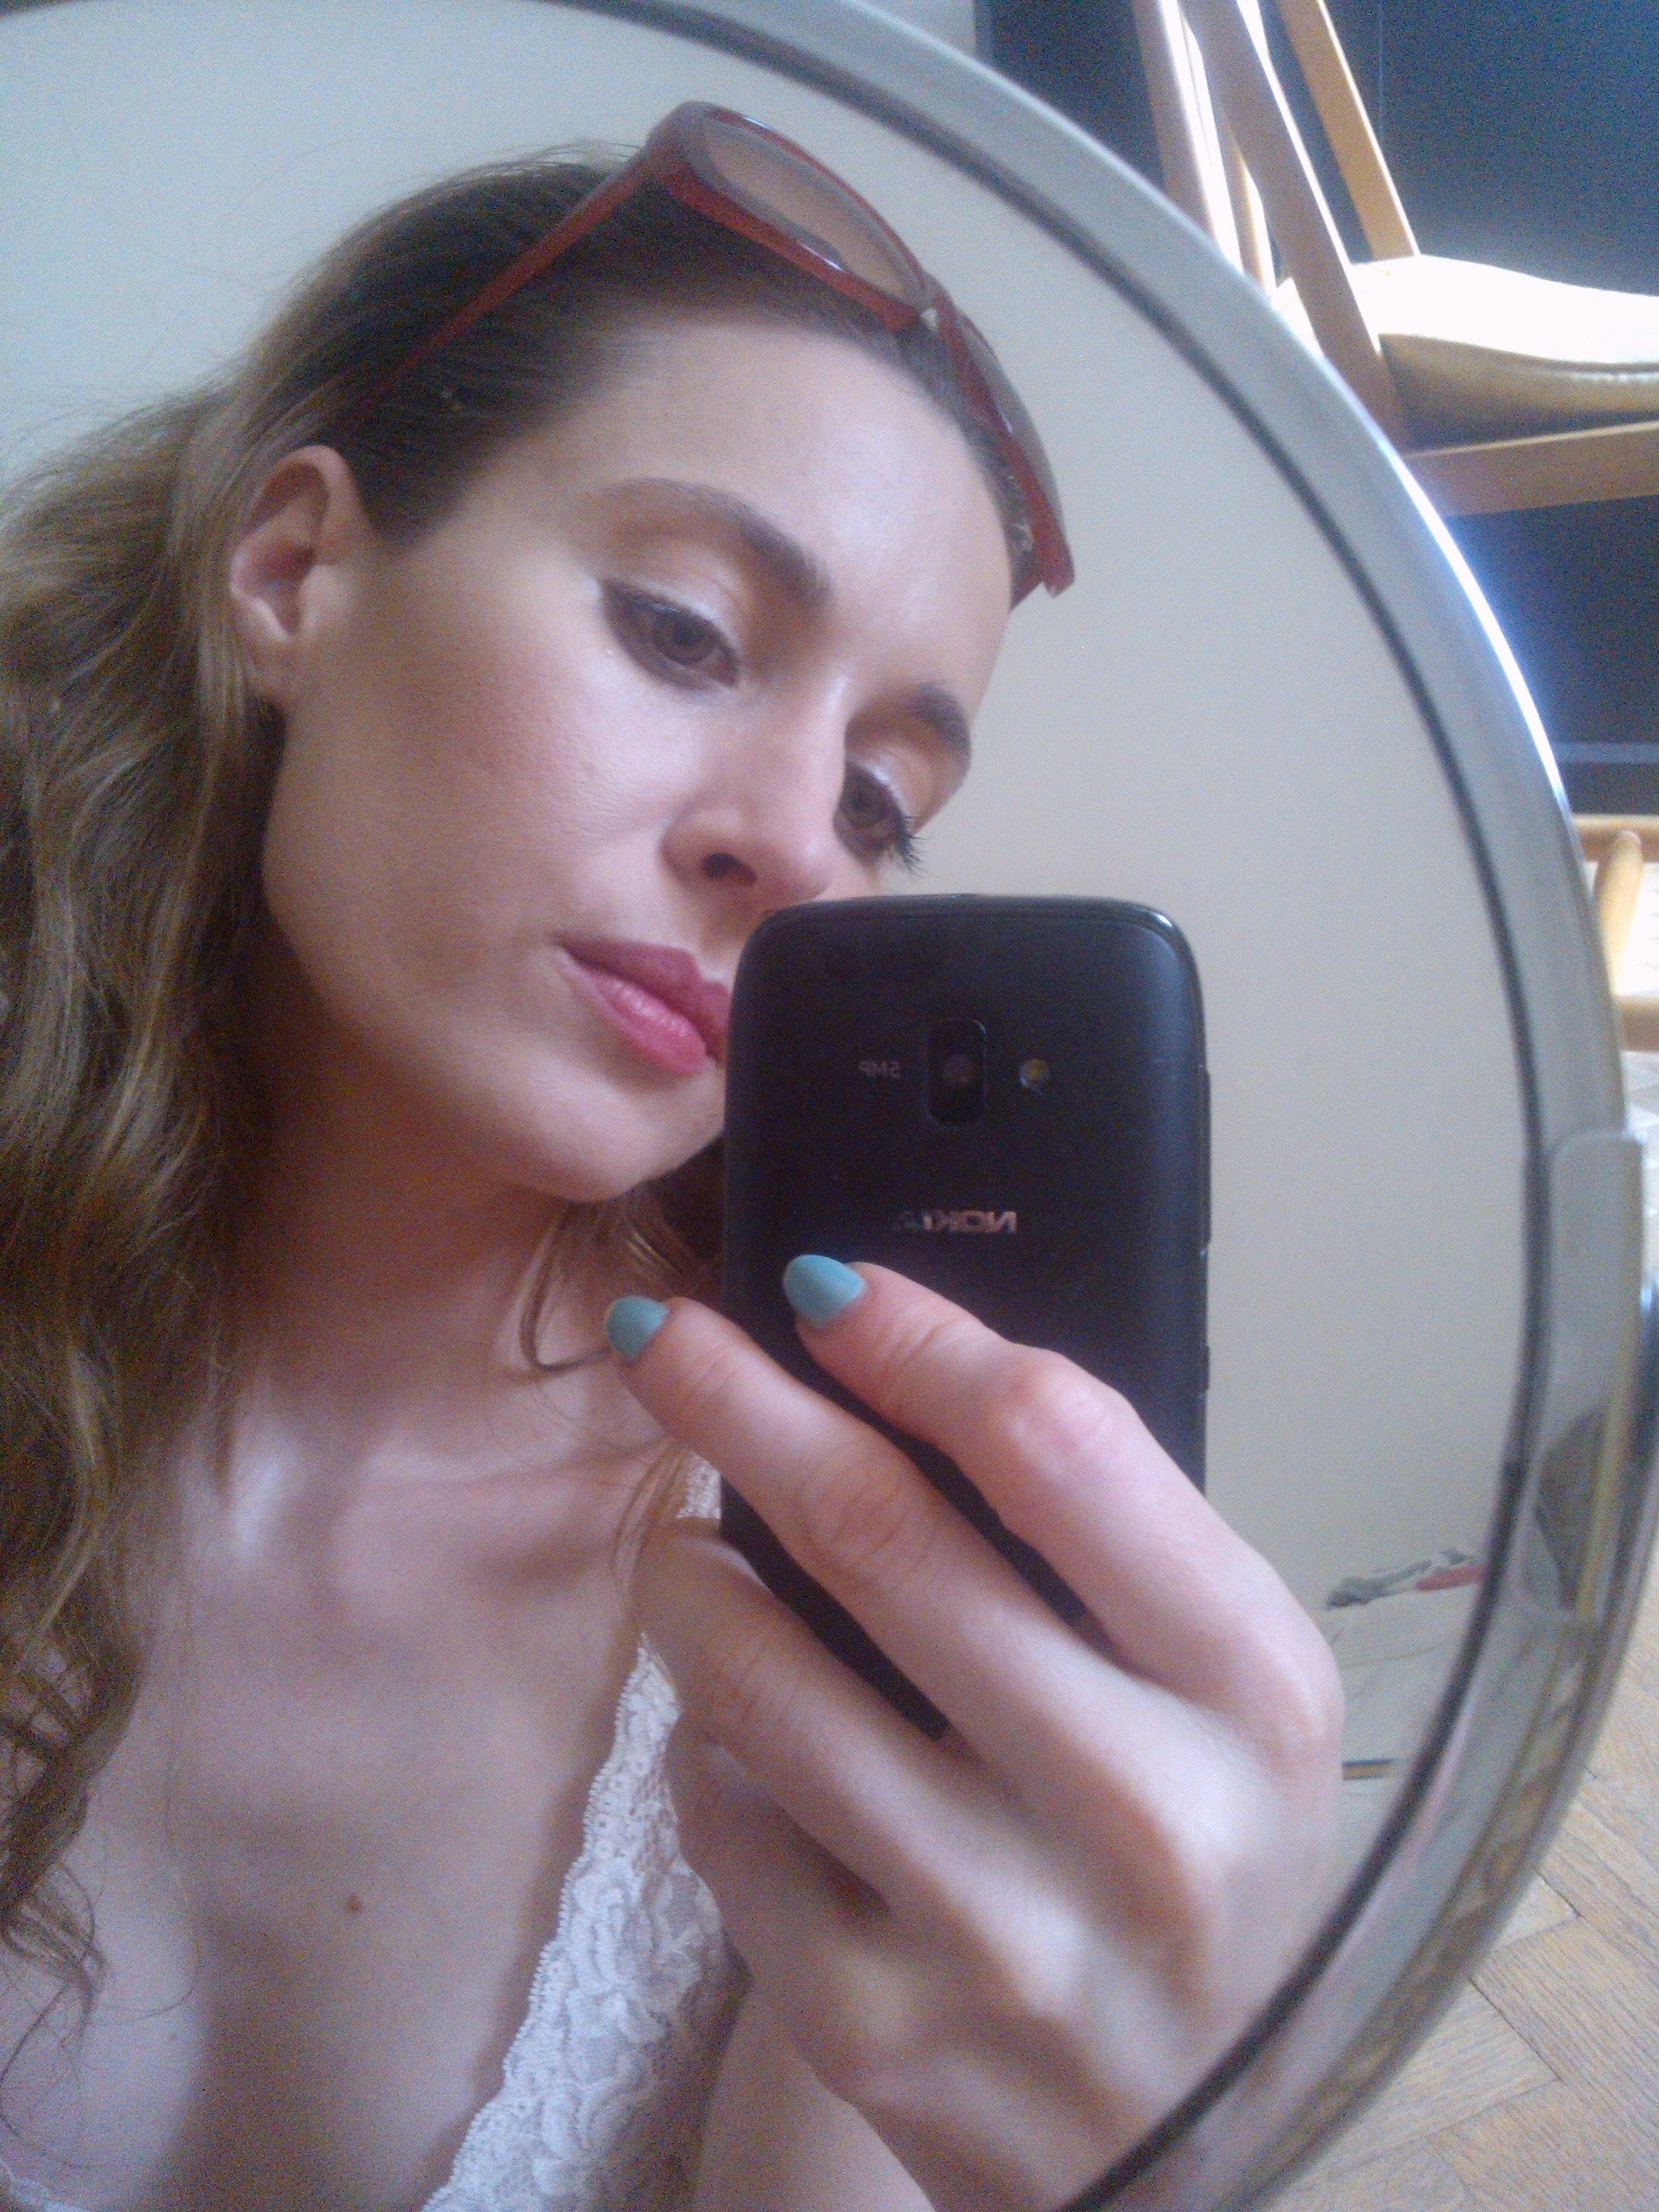 days off minimal-biela perleťová linka, maskara, makeup Laneige SPF 50, rúž na líčka, jemne upraviť obočie, púder a tónovaný balzam na pery